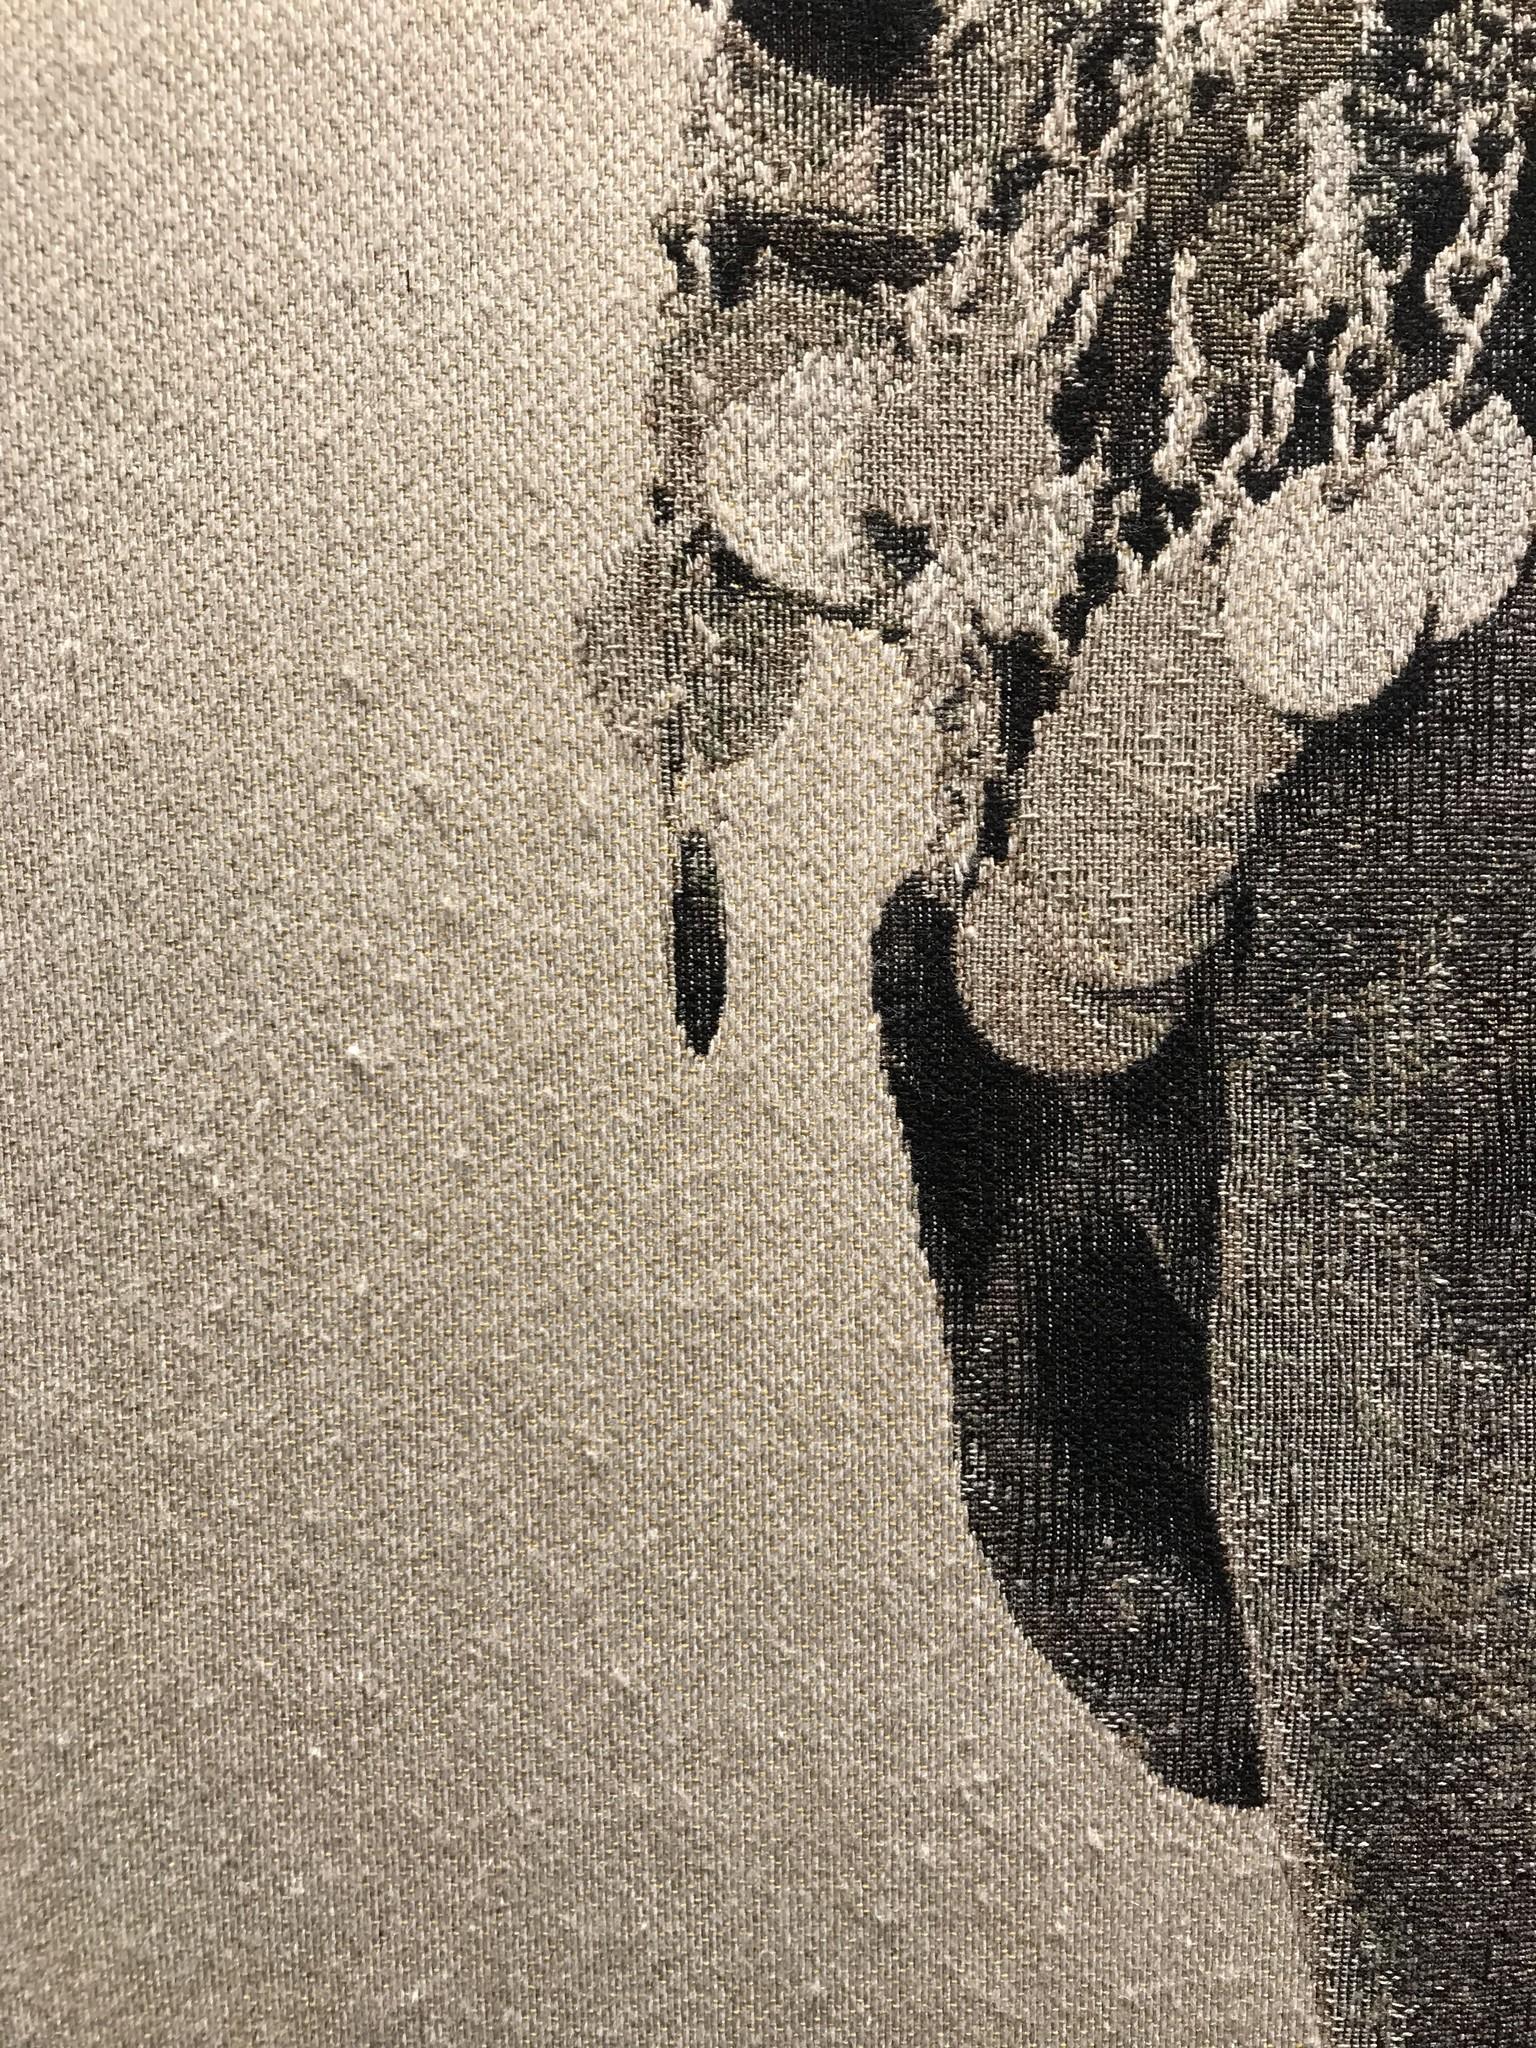 Foto op linnen doek